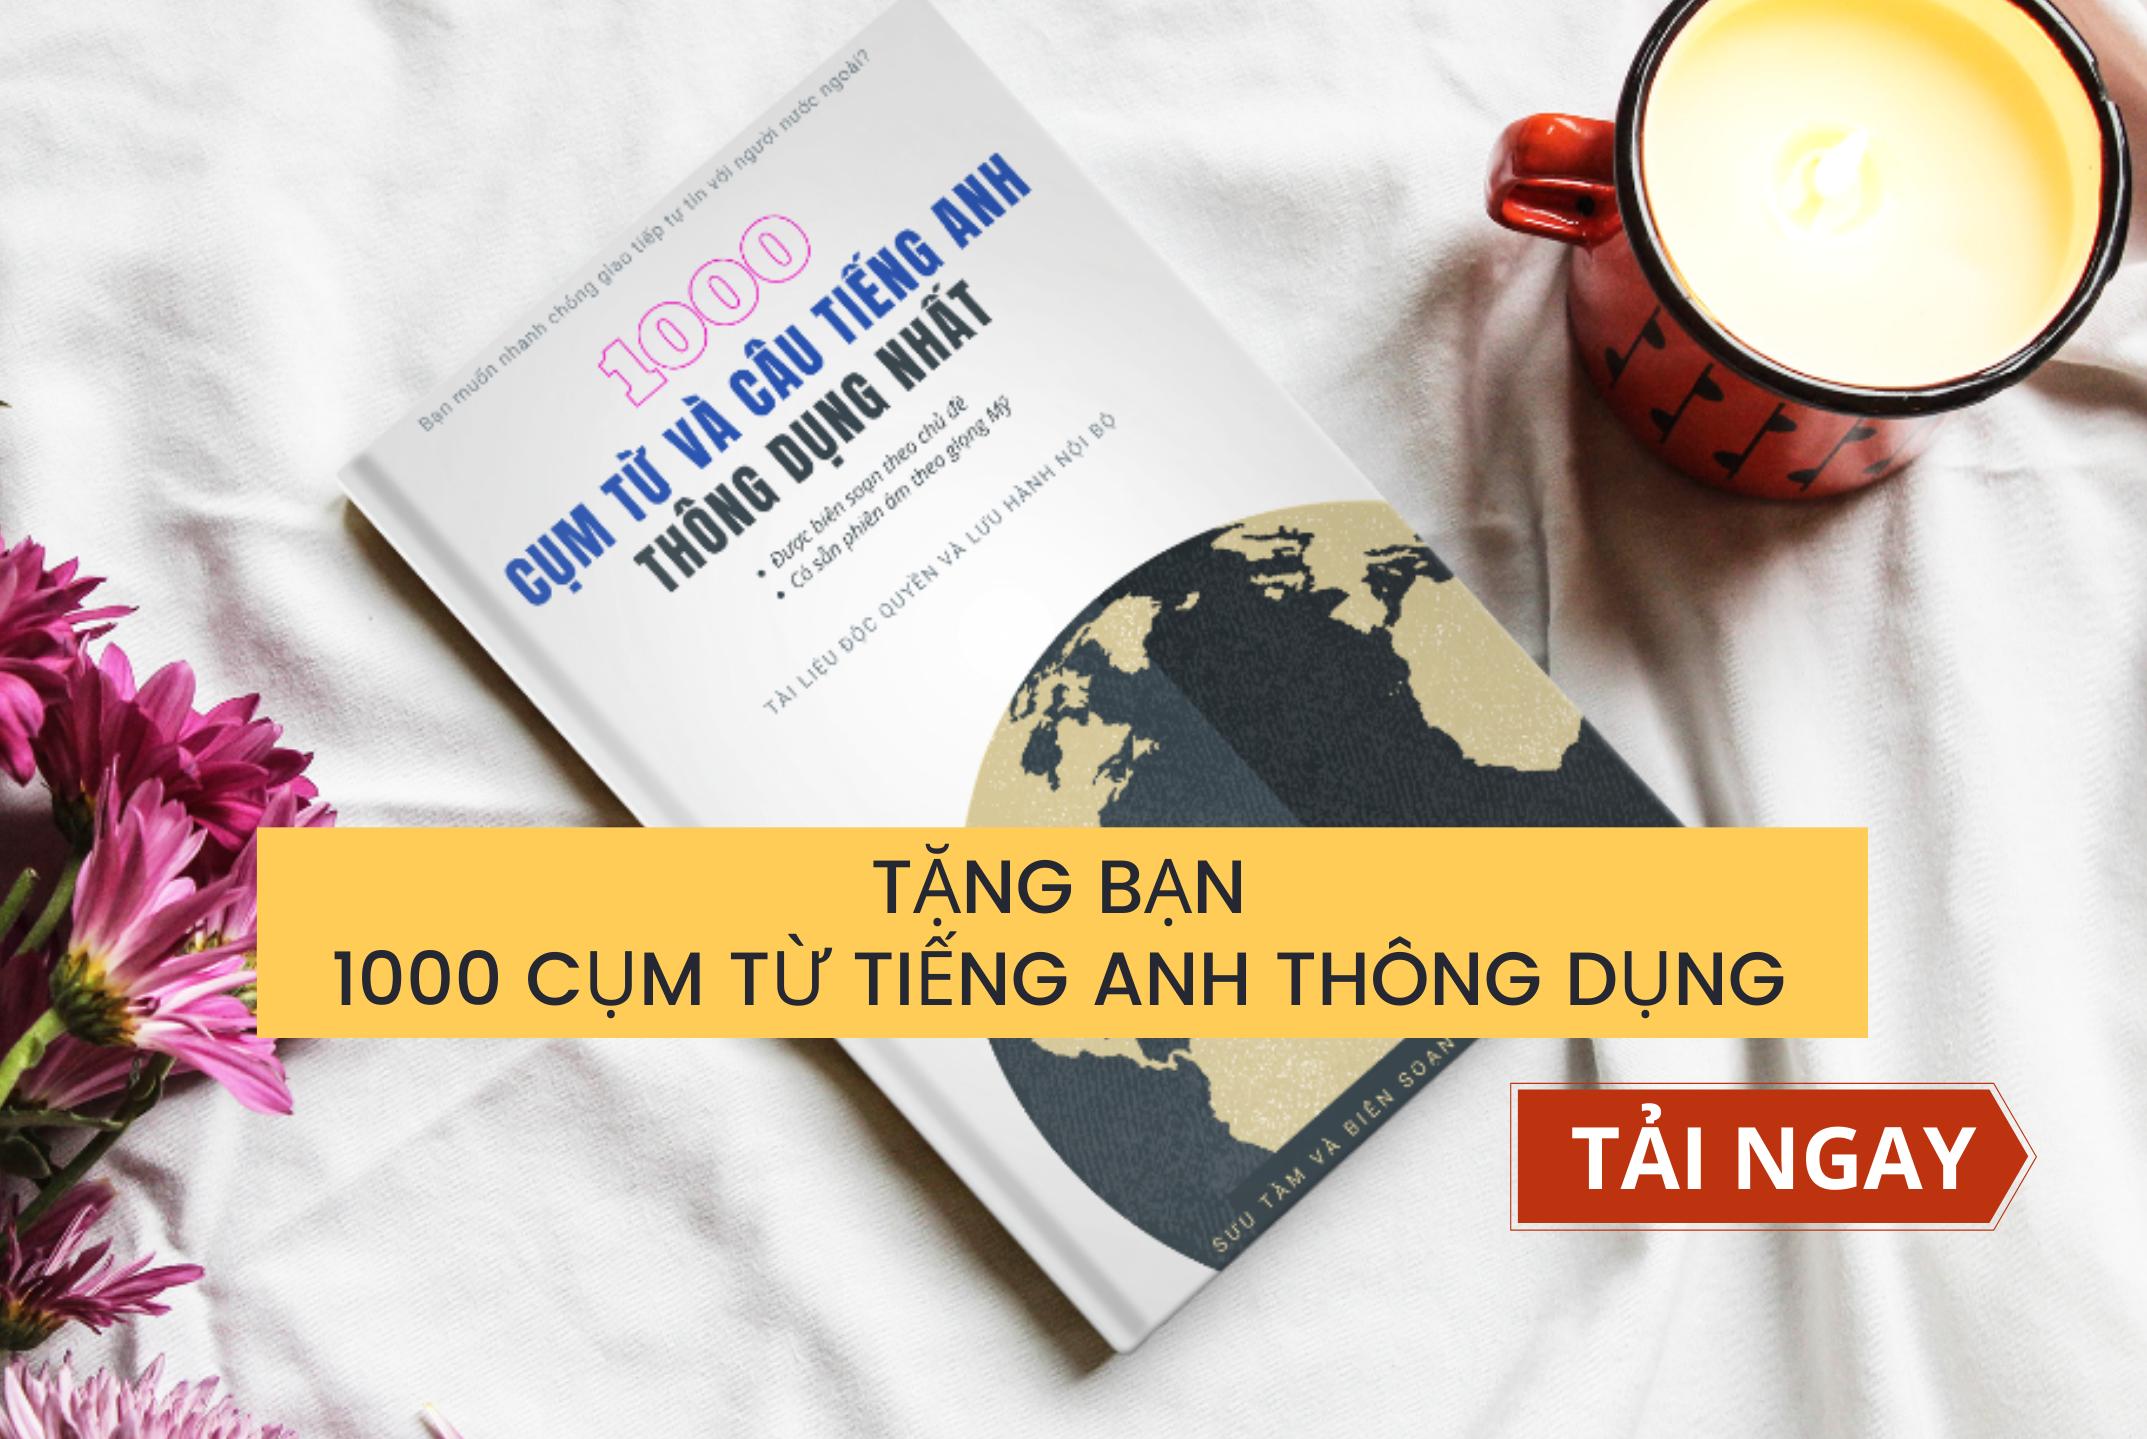 1000 cụm từ tiếng Anh thông dụng.